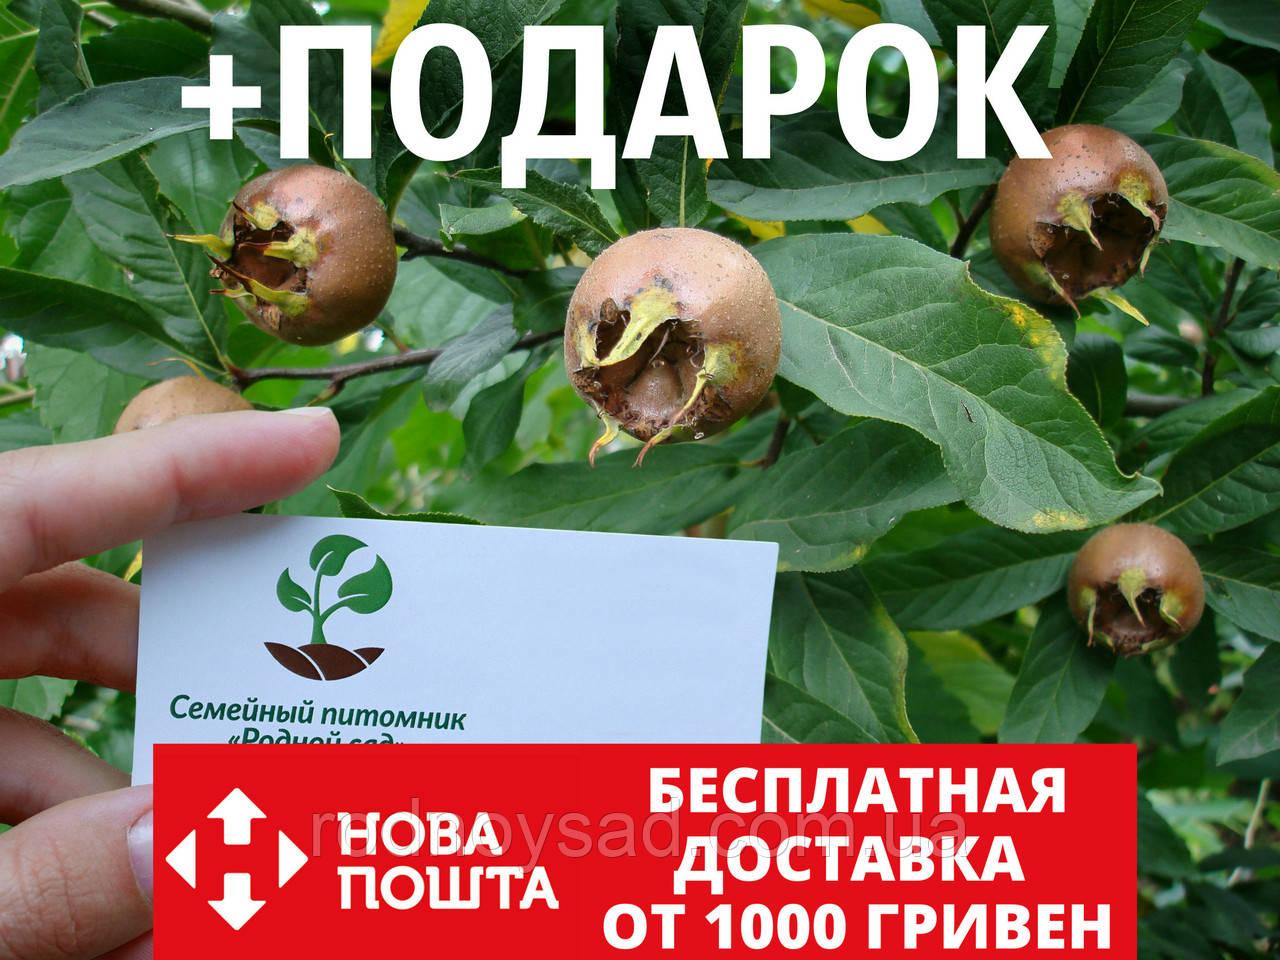 Мушмула германская семена (10 шт) для саженцев, насіння на саджанці + инструкция + подарок